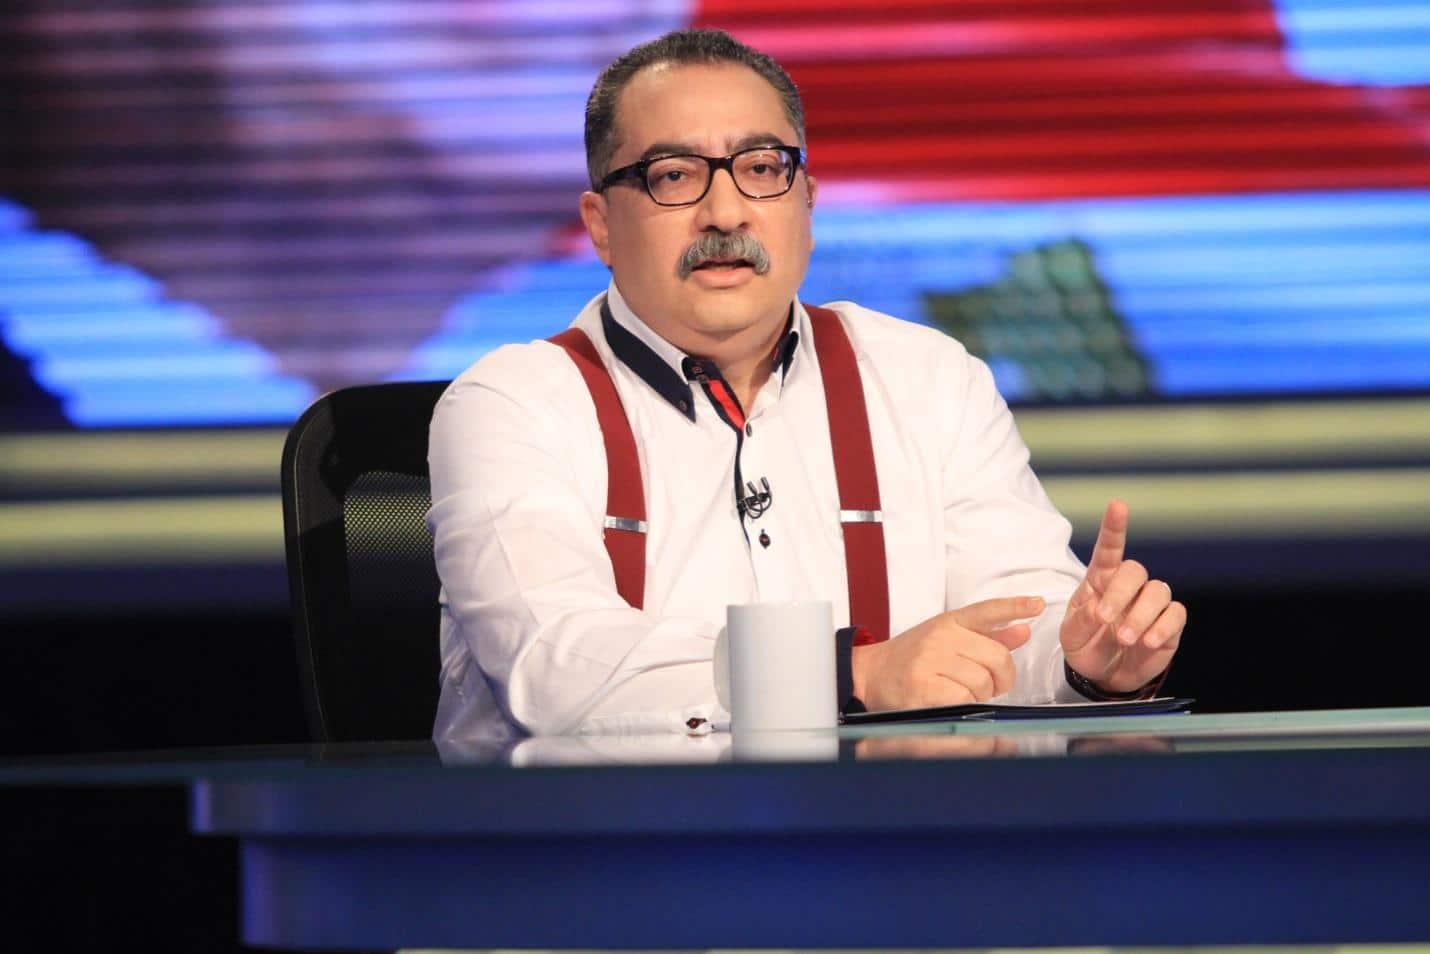 الإعلامى والكاتب الصحفى الكبير إبراهيم عيسى